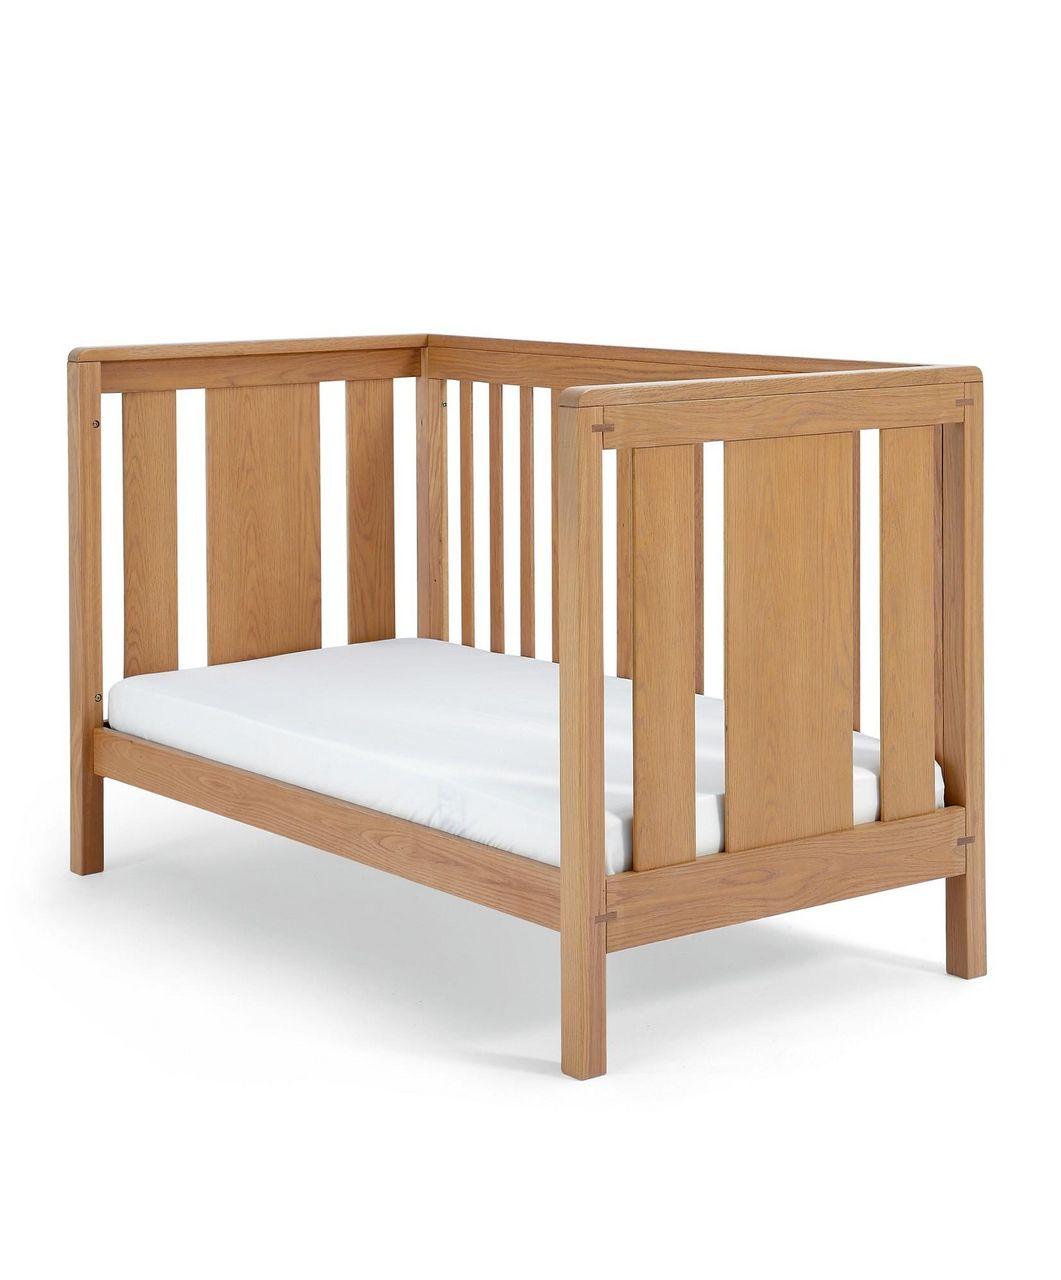 chamberlain cot toddler bed cot beds cots cribs mamas papas